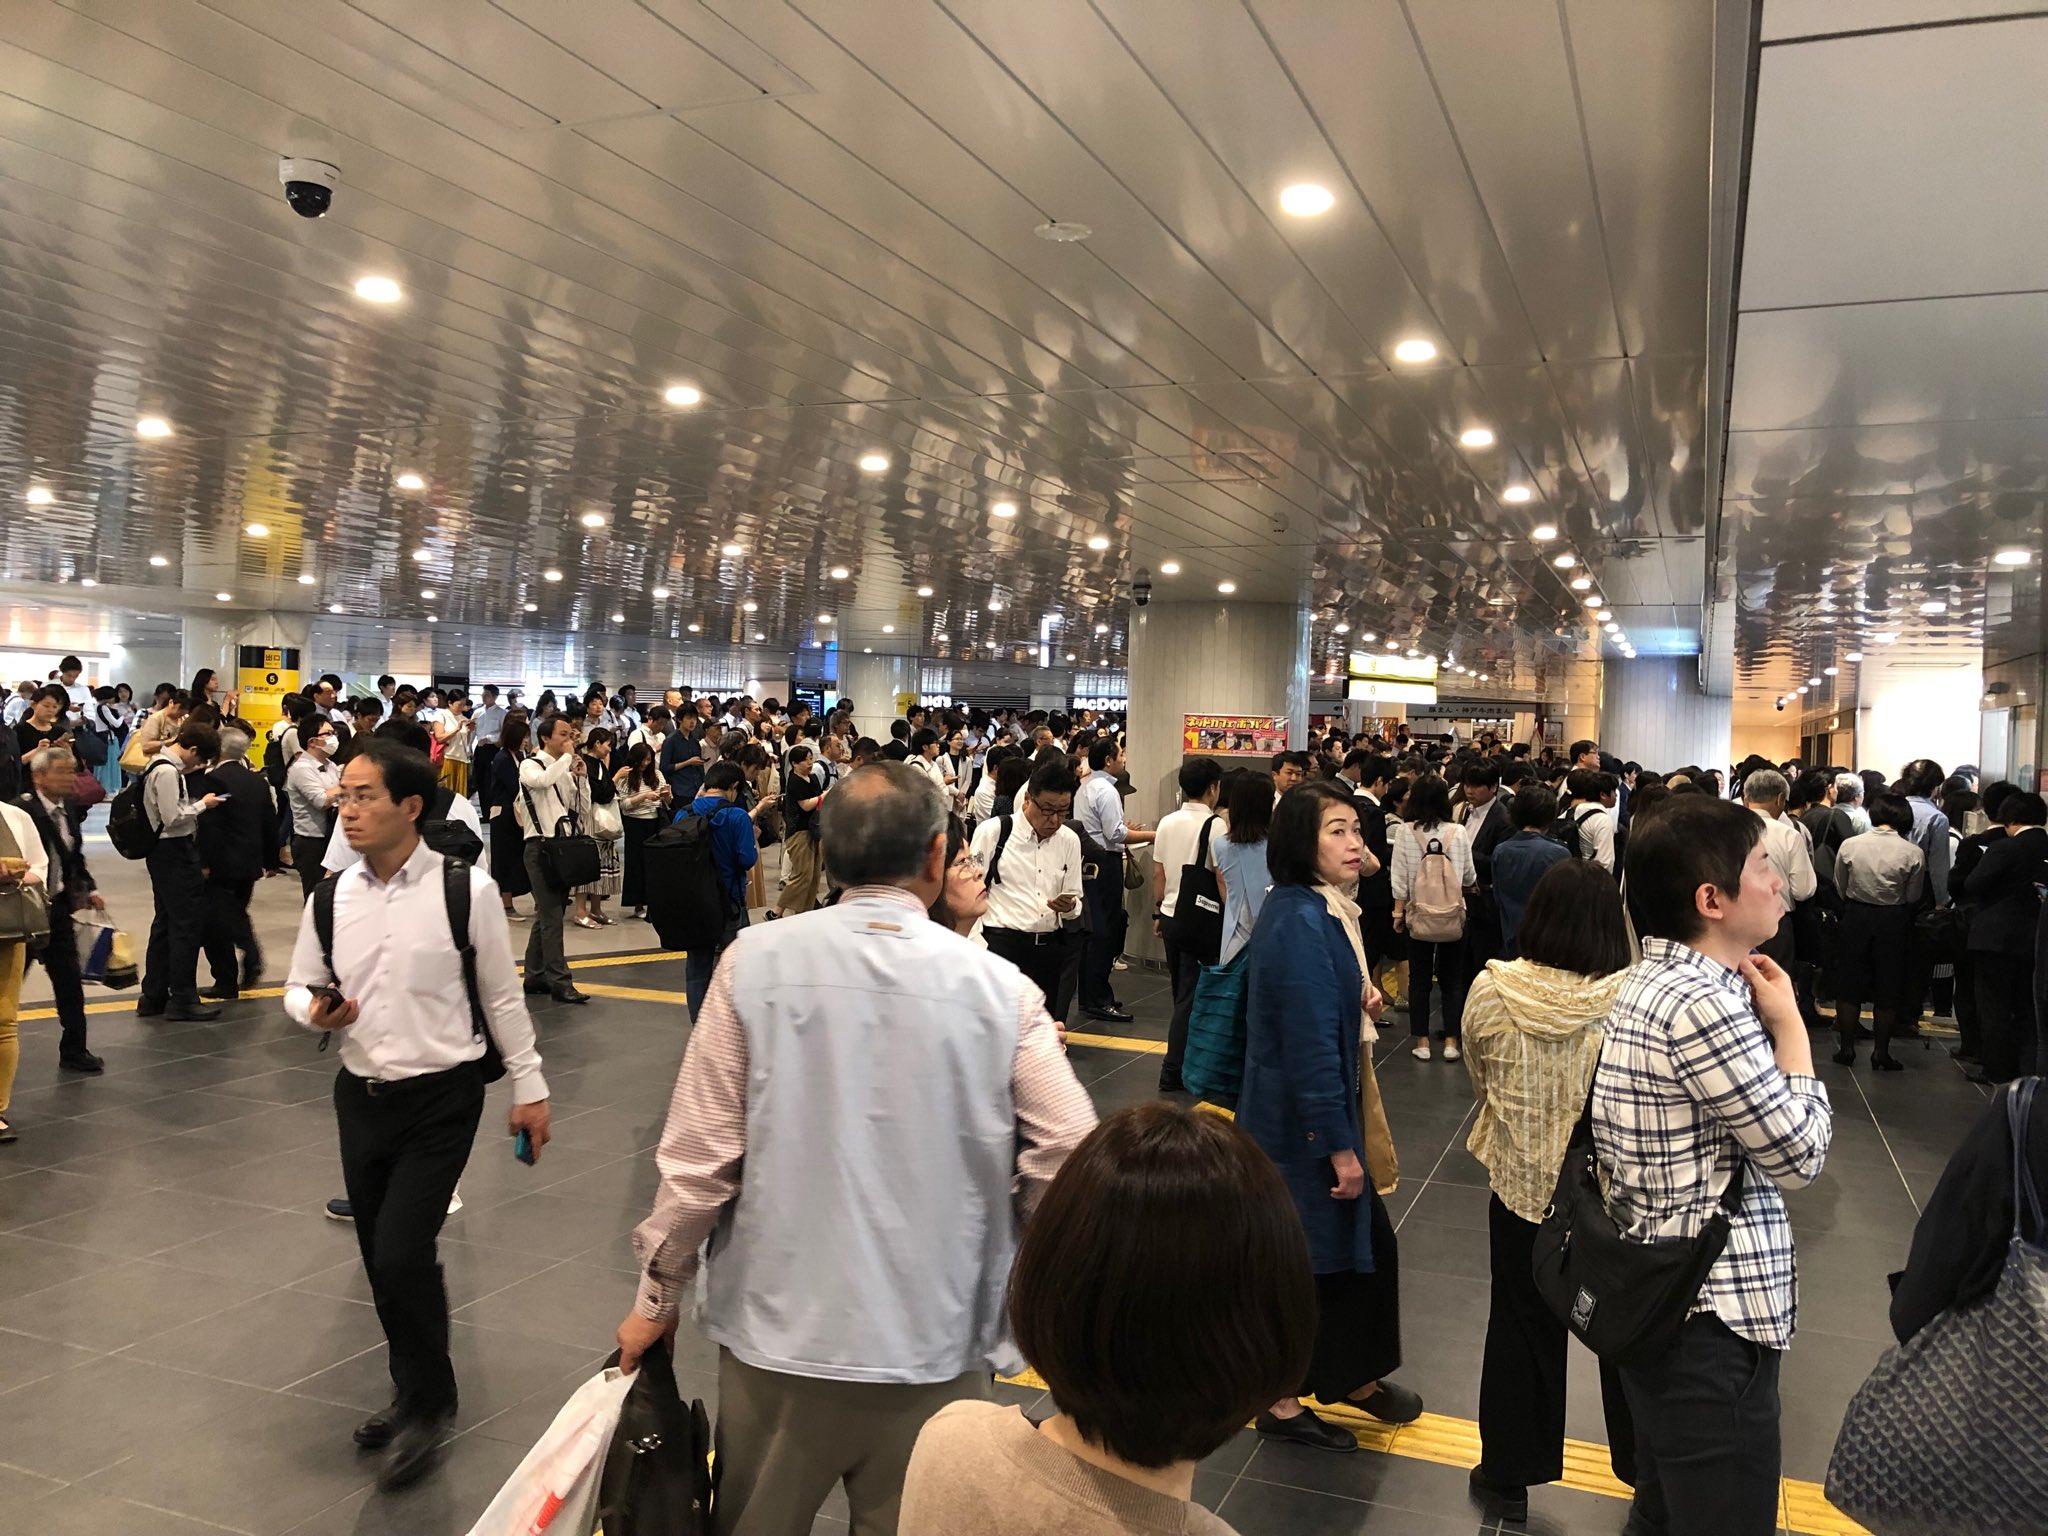 画像,大阪メトロ御堂筋線が人身事故の影響で止まってる。長居駅であった模様。 https://t.co/lNuO1rQ8Li。